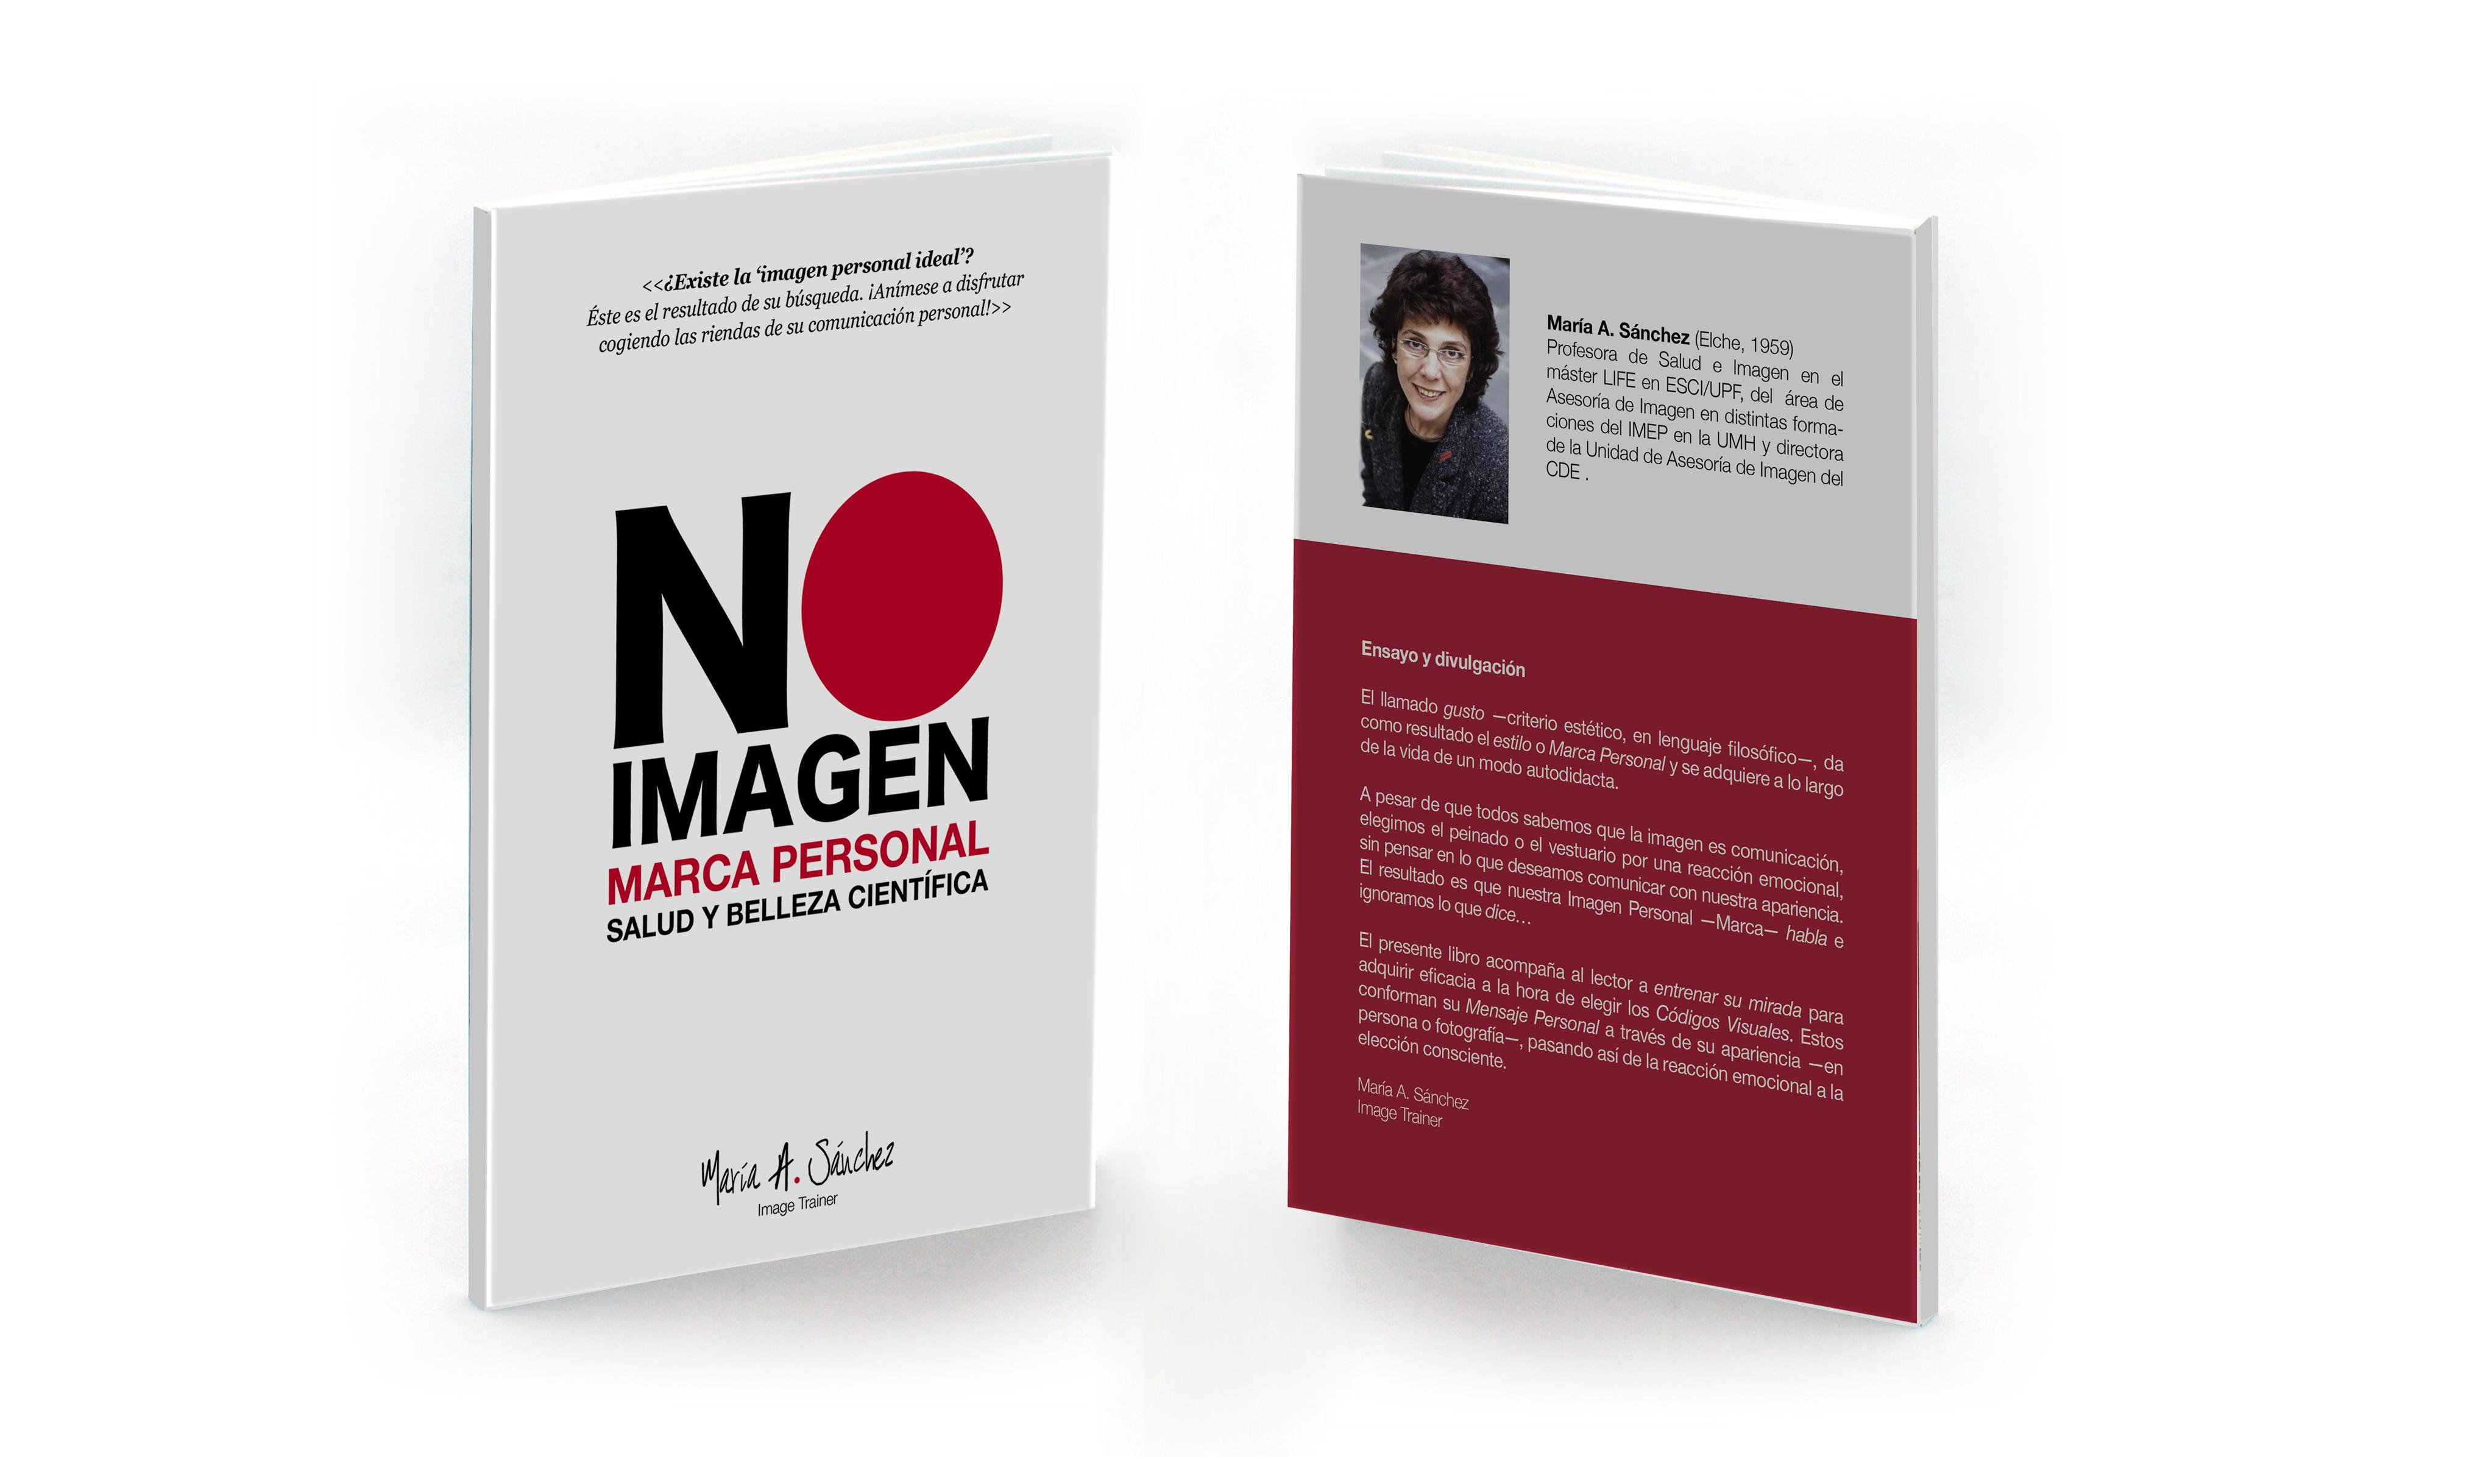 Libro NO IMAGEN María A Sánchez Marca Personal Salud y Belleza Científica Alitruc Nota de Prensa